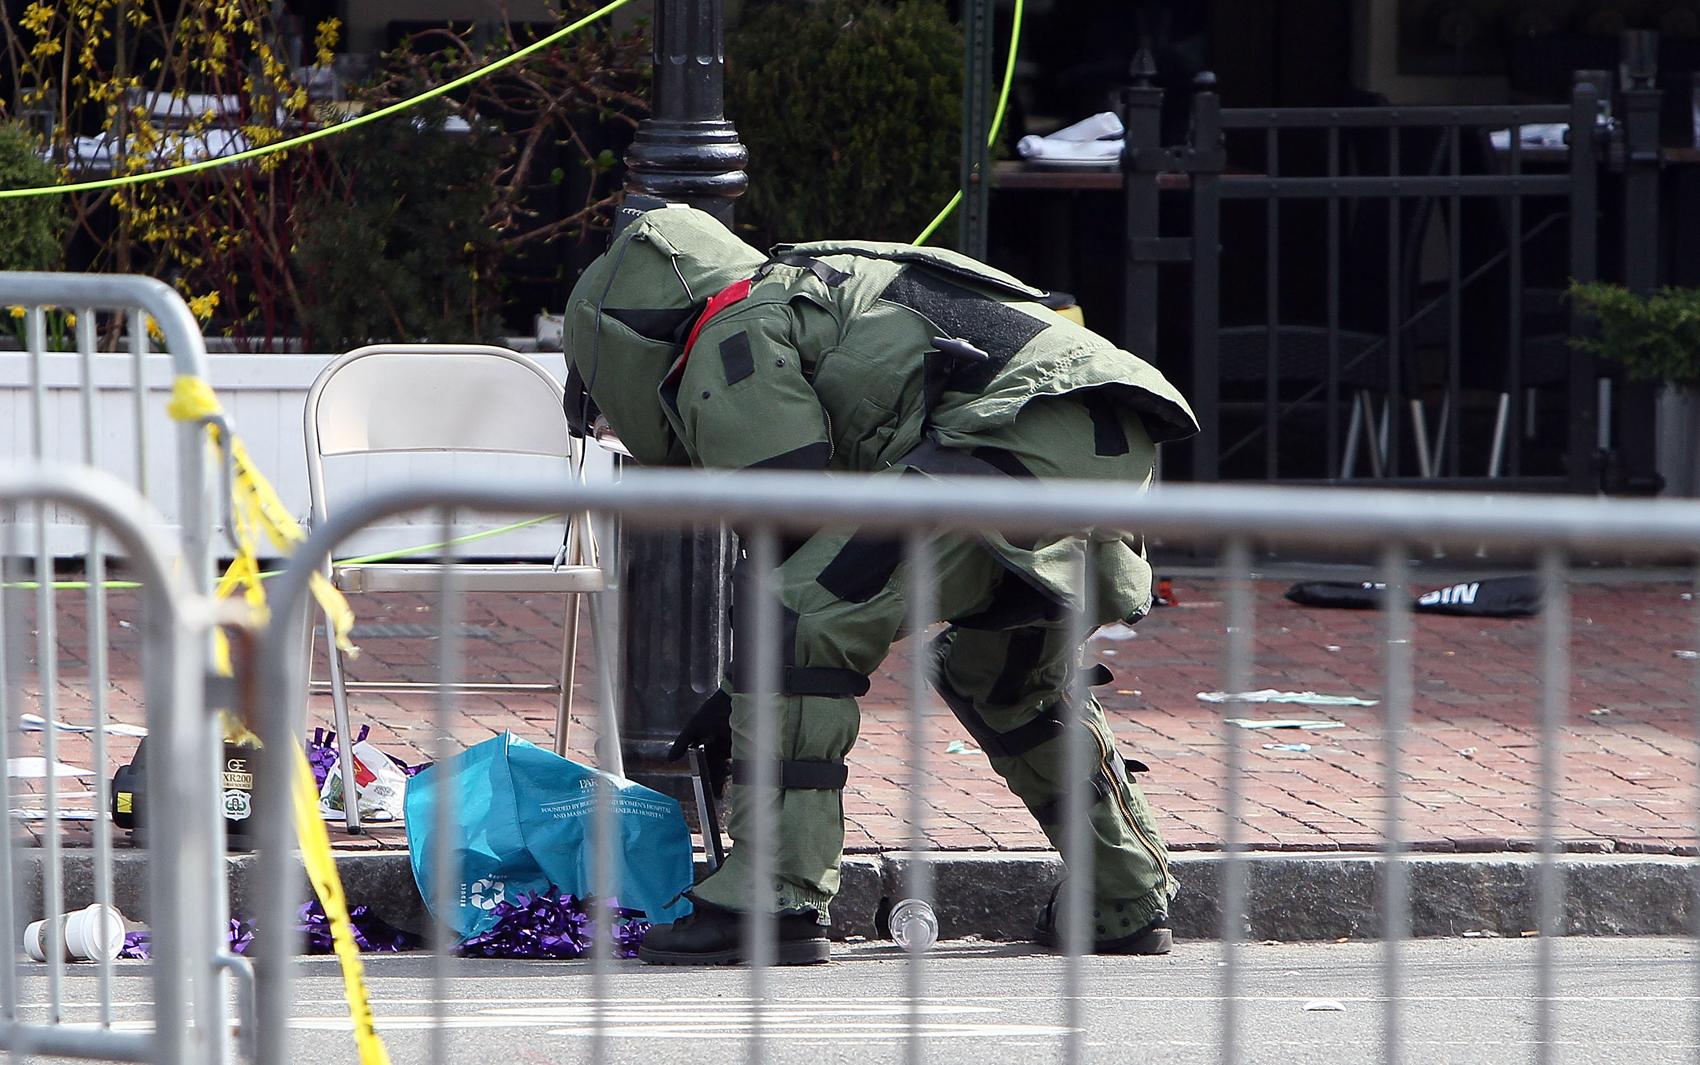 Esquadrão antibombas verifica pacotes suspeitos em local próximo de outras explosões durante Maratona em Boston.